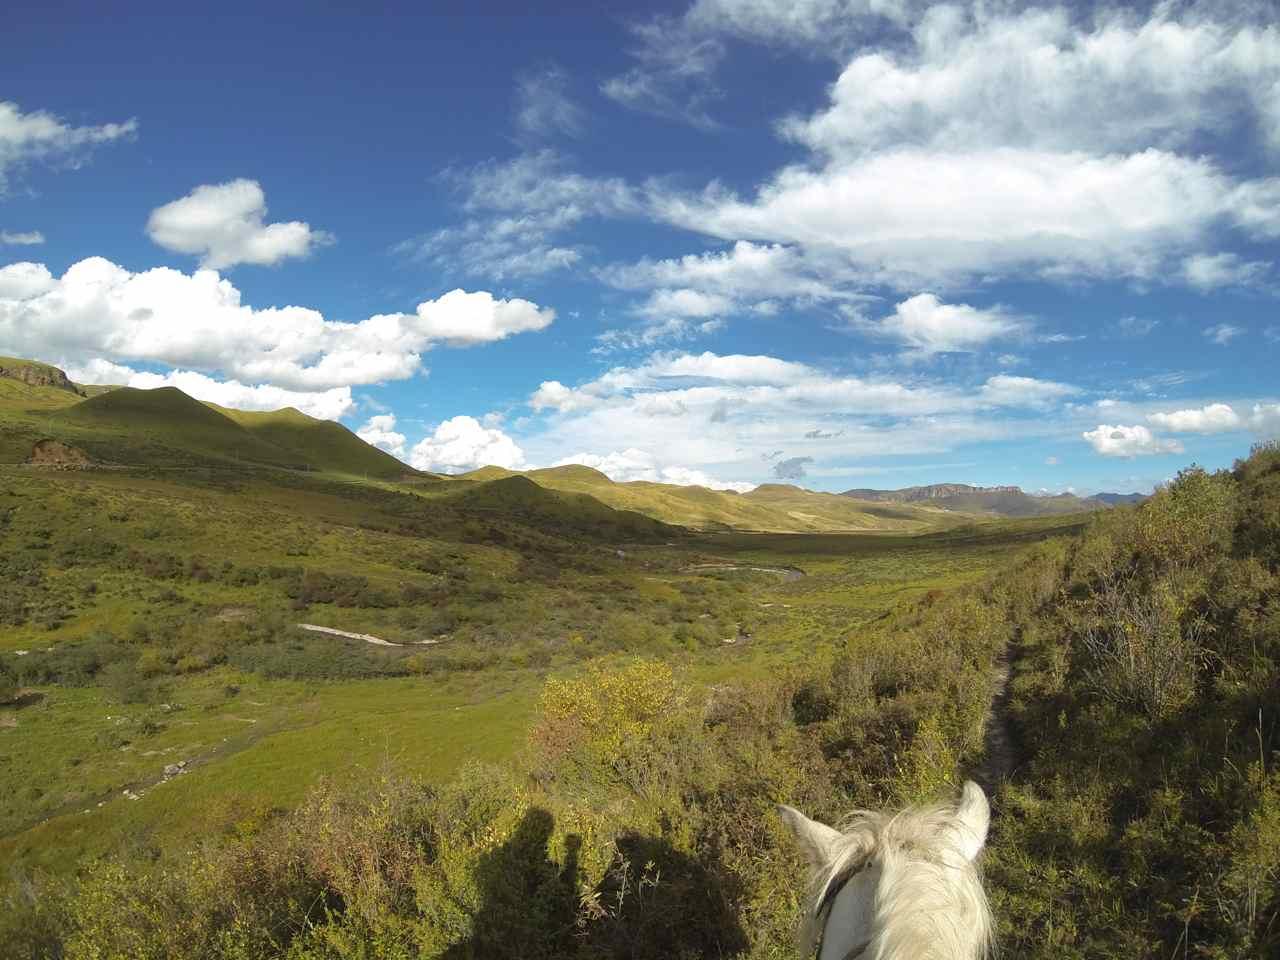 ครั้งแรกท่ีออกไปเดินในธรรมชาติบนหลังม้า สนุกดี